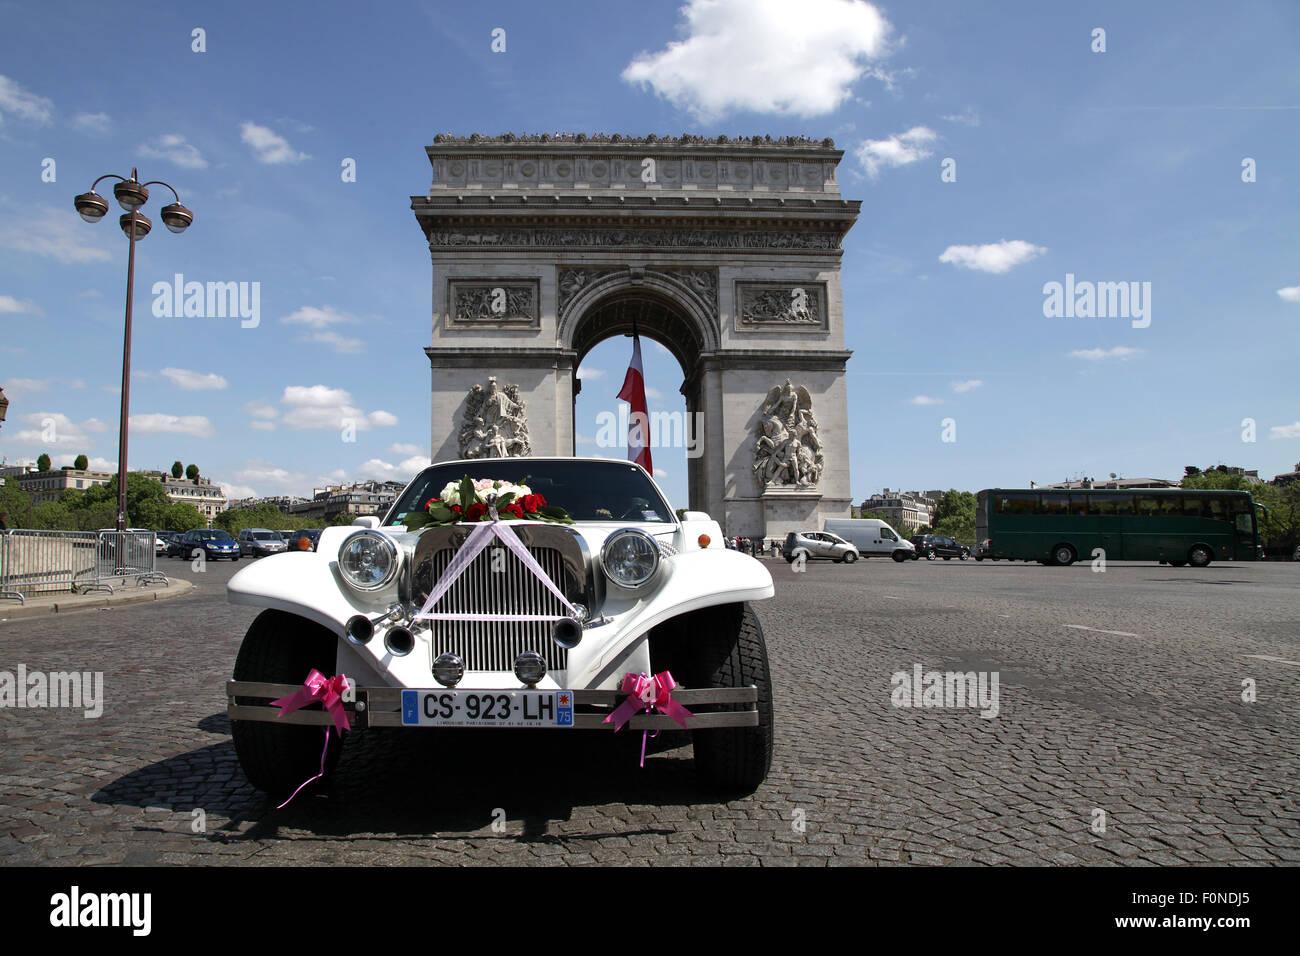 Excalibur automóvil en el Arco del Triunfo Arco del Triunfo en París Francia Imagen De Stock